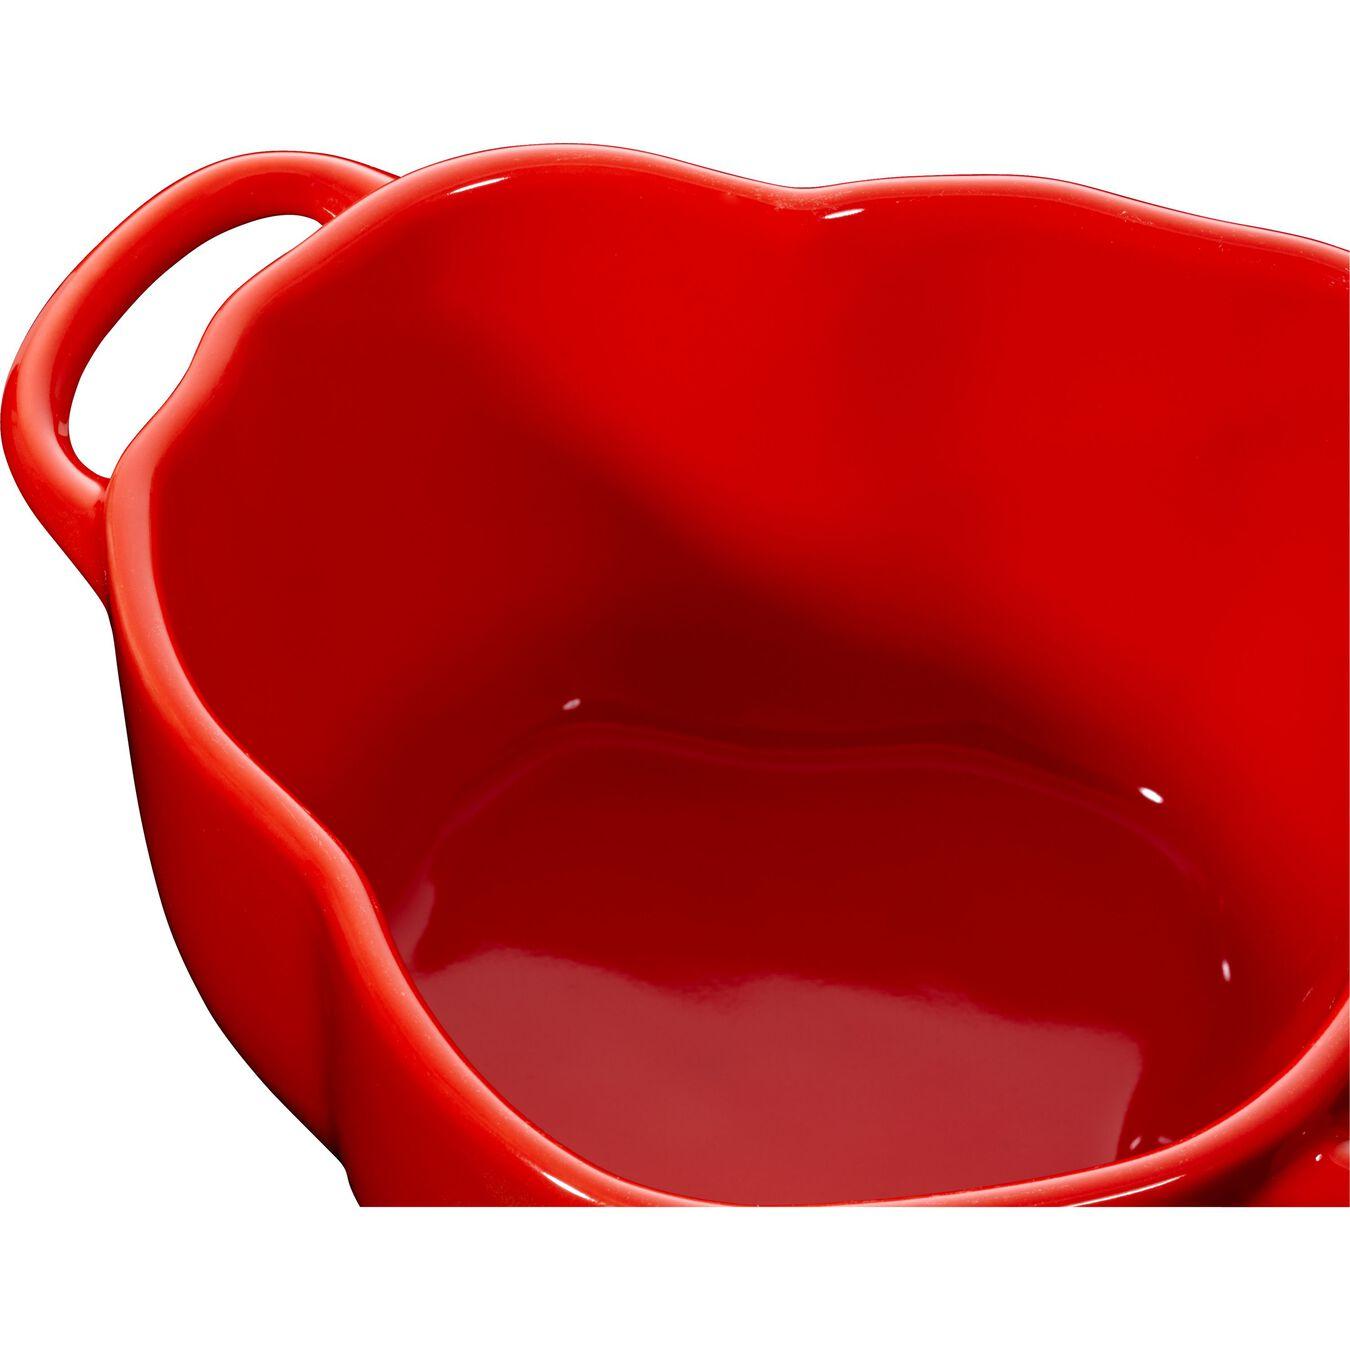 Cocotte 11 cm, Poivron, Orange et rouge, Céramique,,large 4